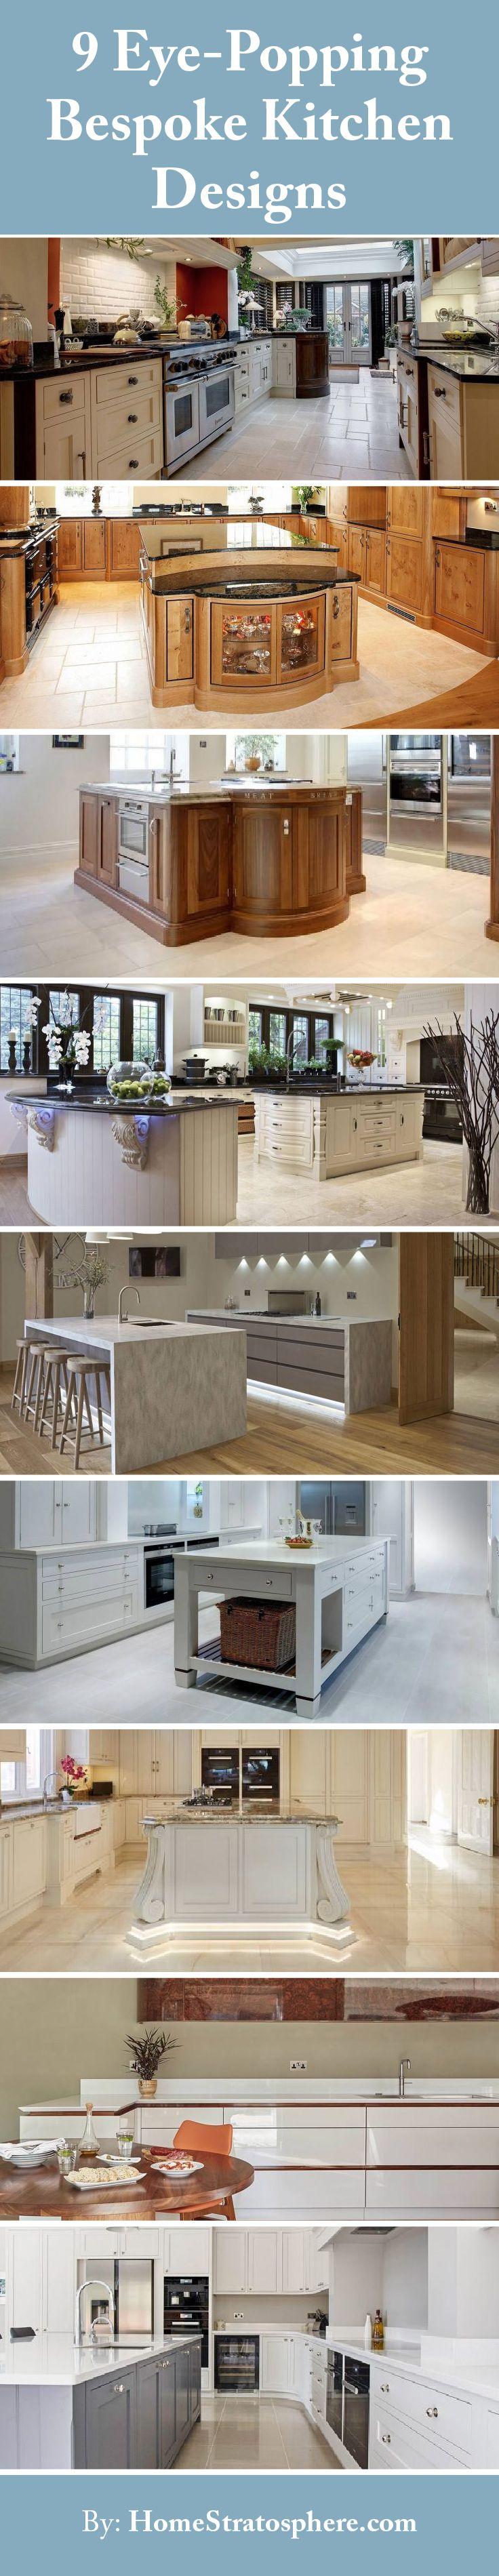 3644 best kitchen ideas images on pinterest kitchen for Bespoke kitchen ideas